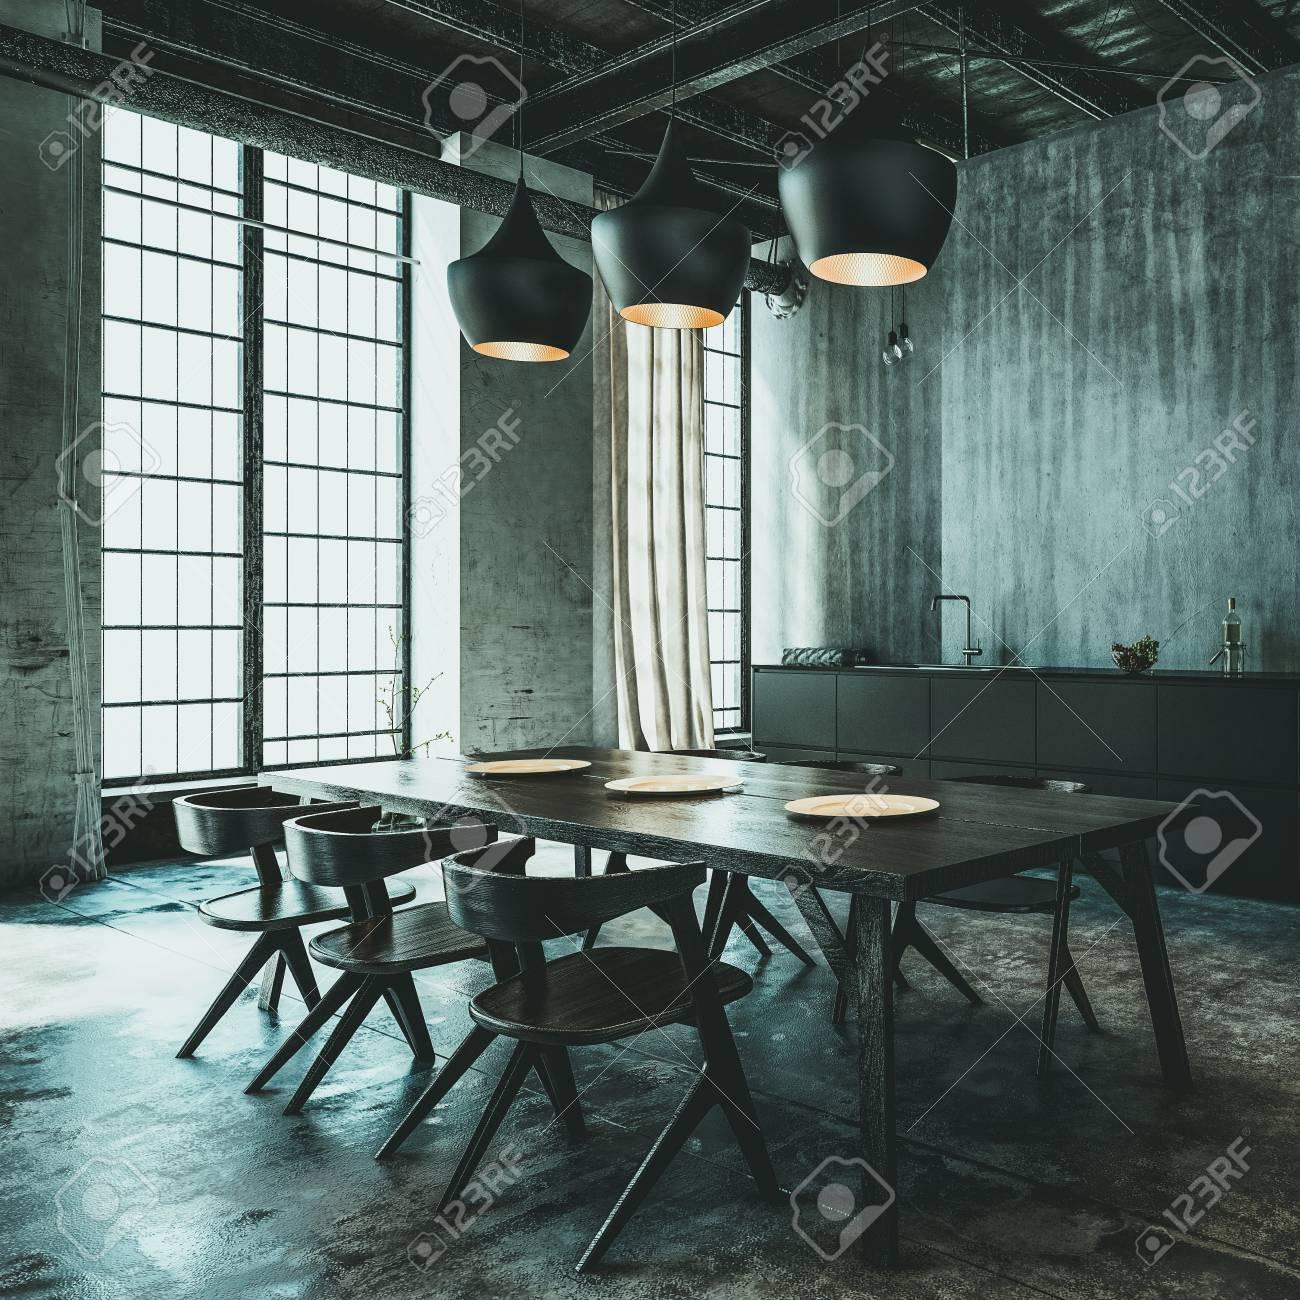 Moderno Comedor De Conversión De Loft Industrial Con Mesa Y Sillas ...